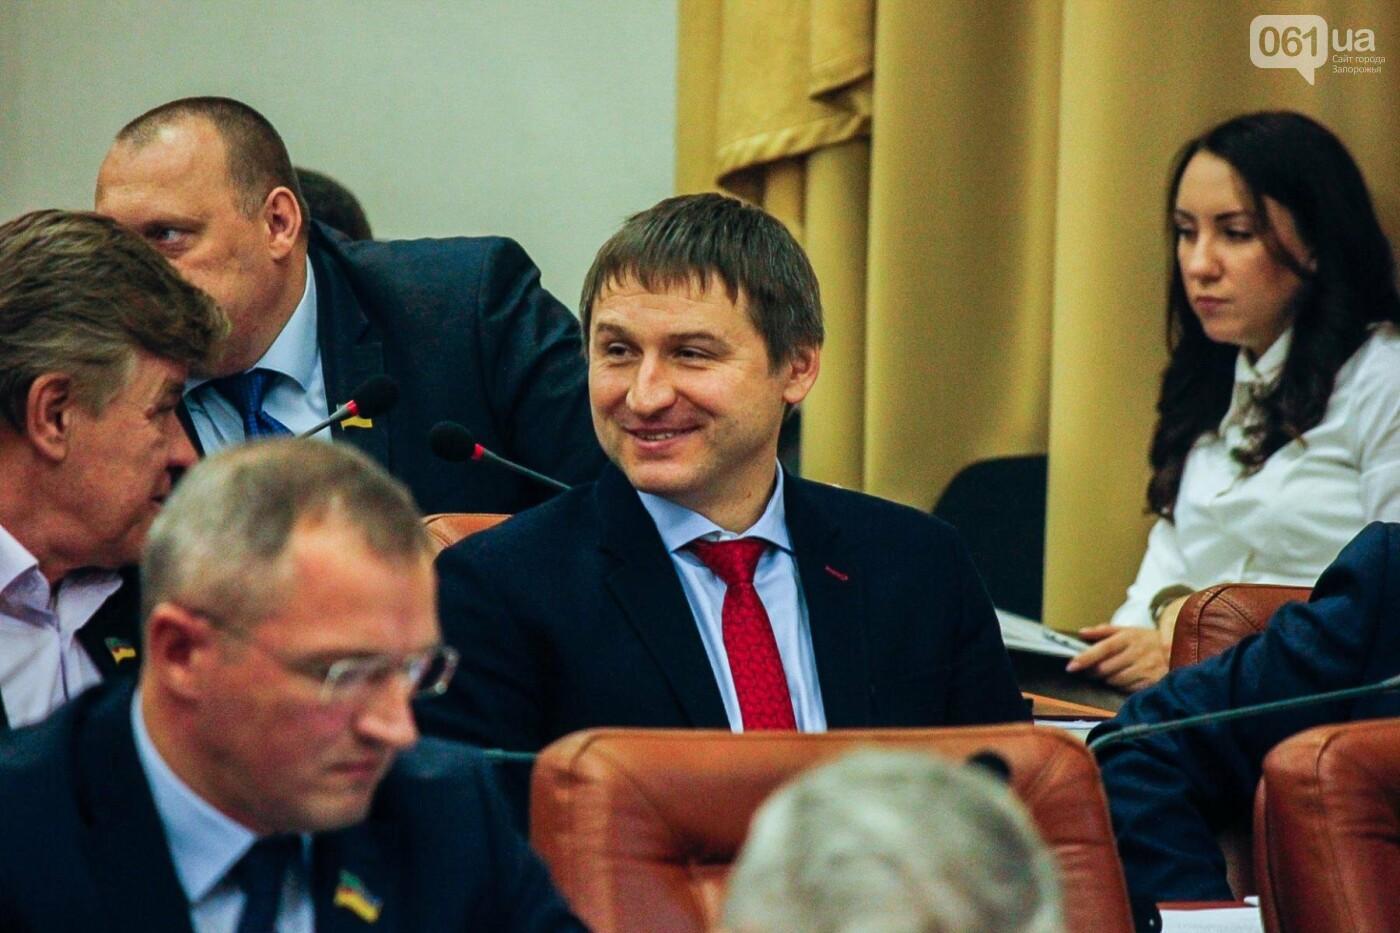 Сессия запорожского горсовета в лицах, - ФОТОРЕПОРТАЖ, фото-24